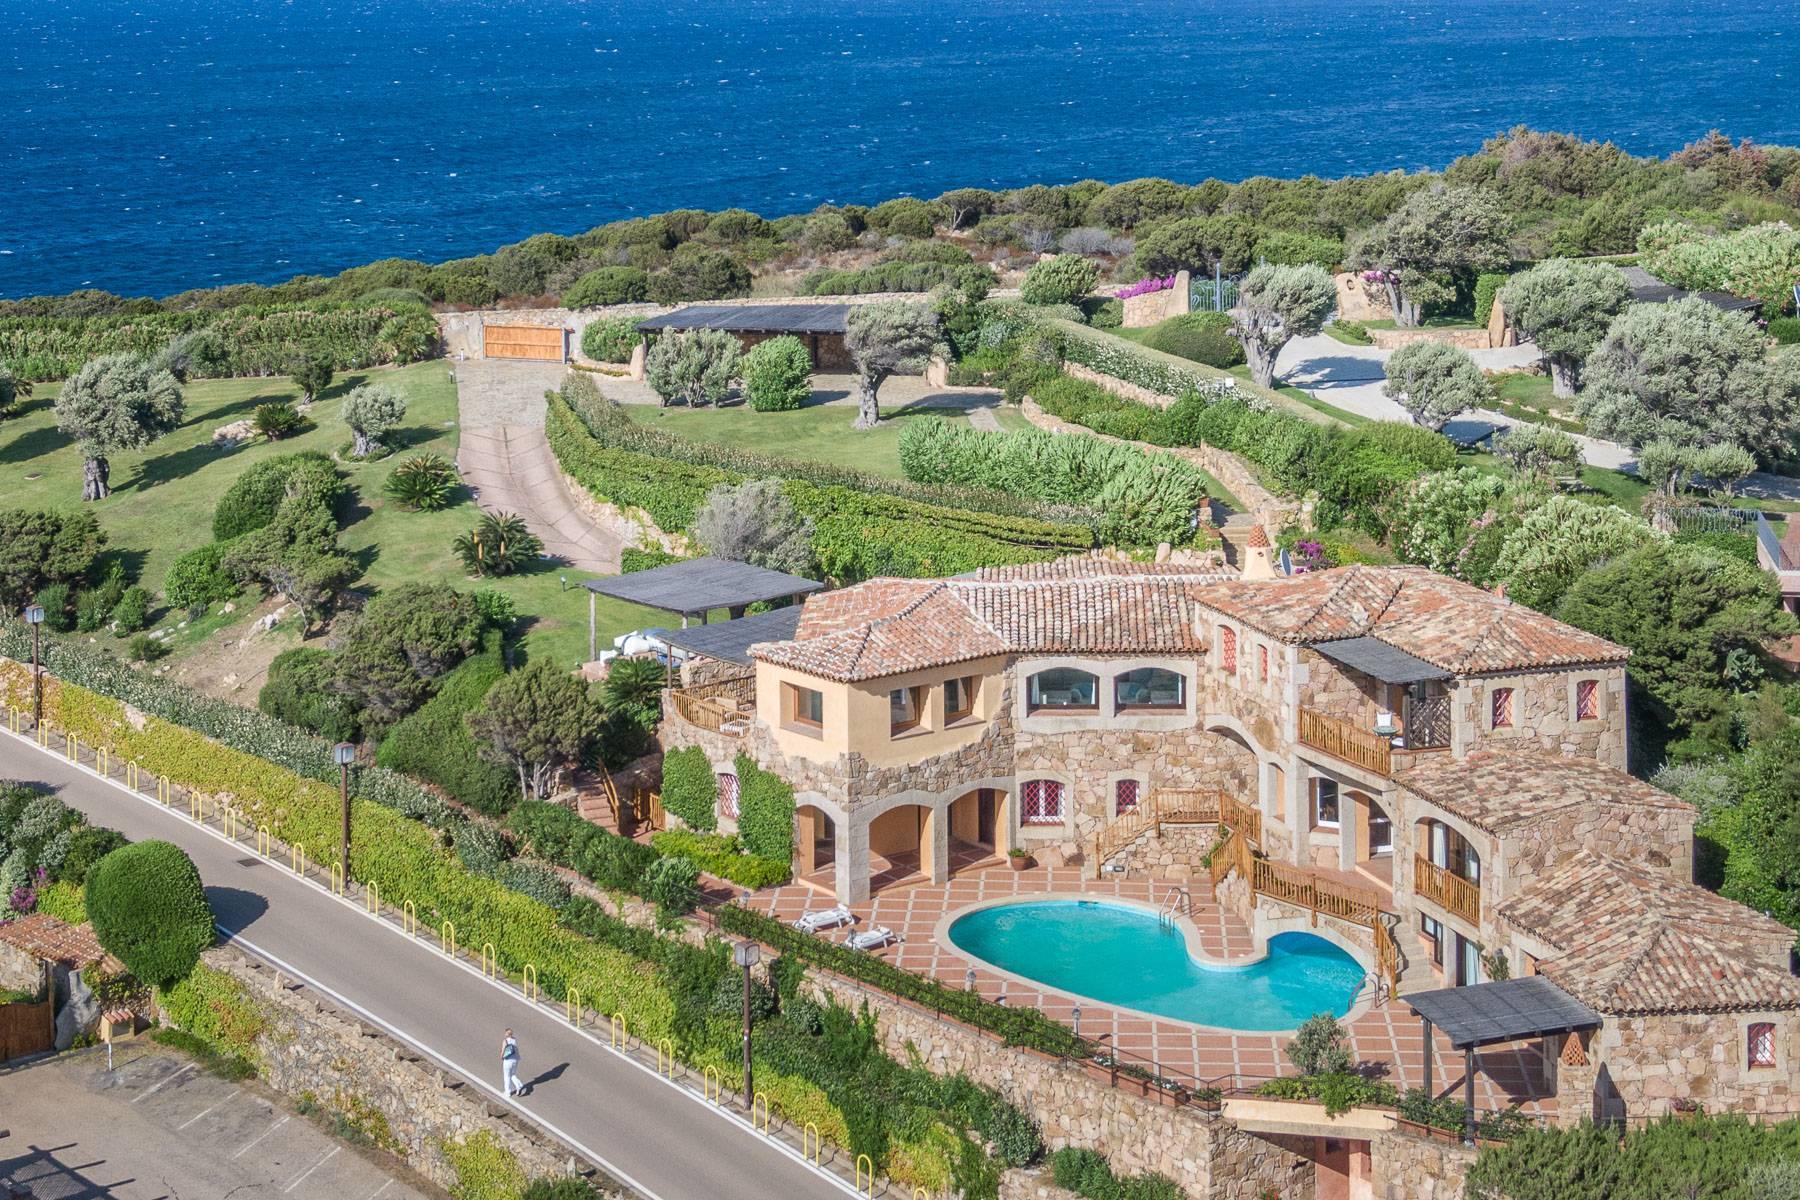 Importante villa indipendente con un impareggiabile panorama, nel cuore di Porto Cervo. - 1